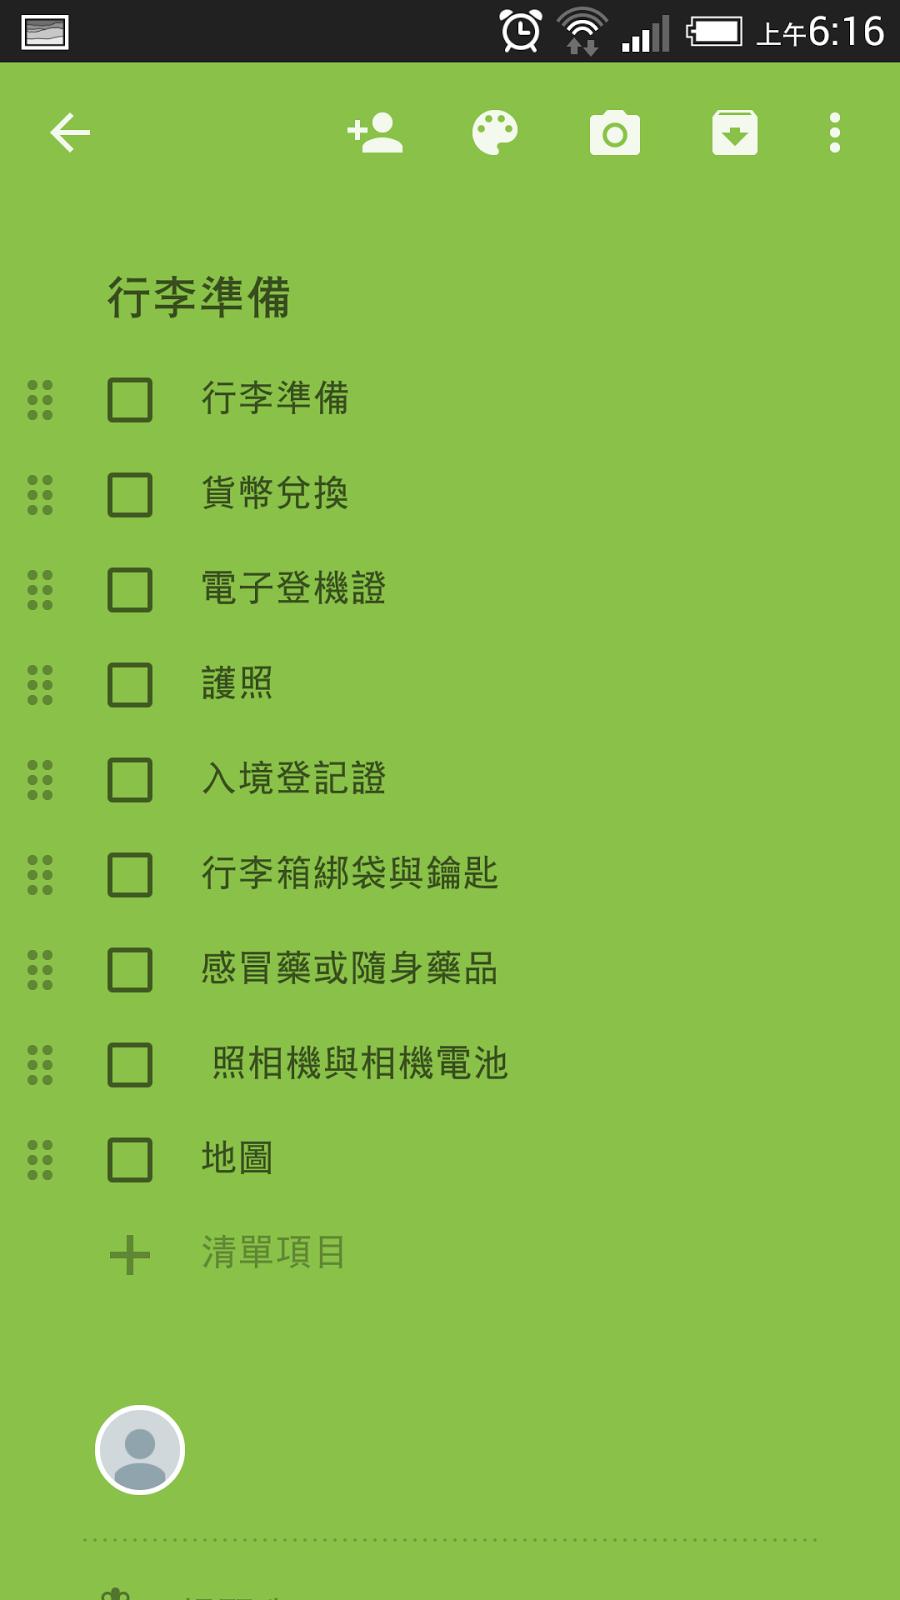 改變行動工作!電腦玩物 2014 最佳 Android App 推薦 Google%2BKeep-07